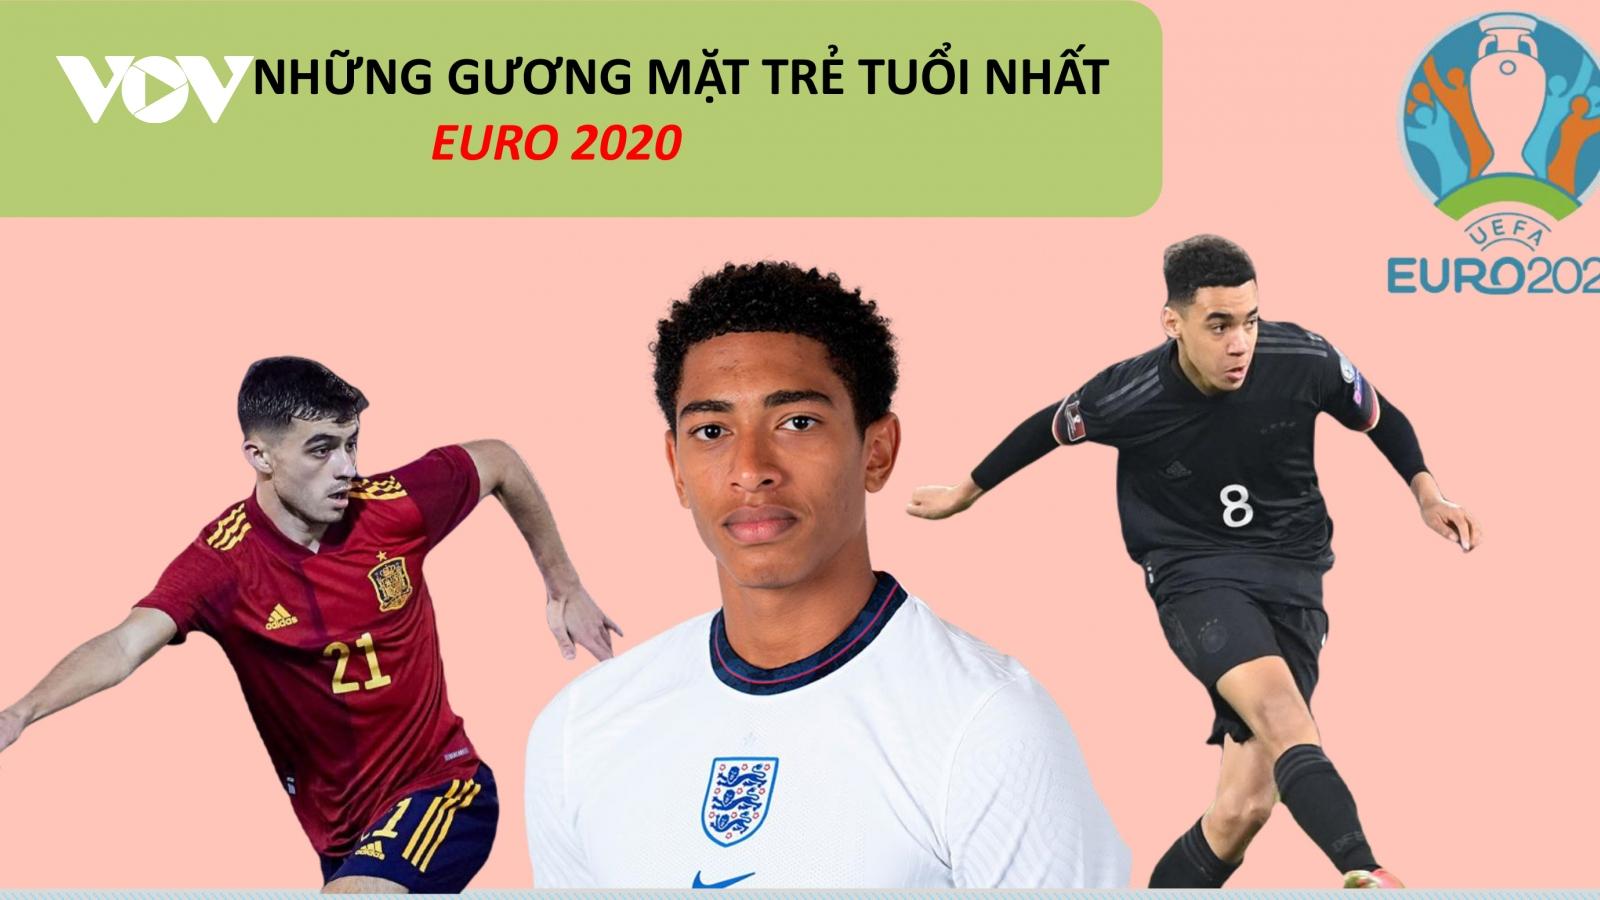 """""""Sao"""" Barca và những gương mặt trẻ tuổi nhất dự EURO 2020"""